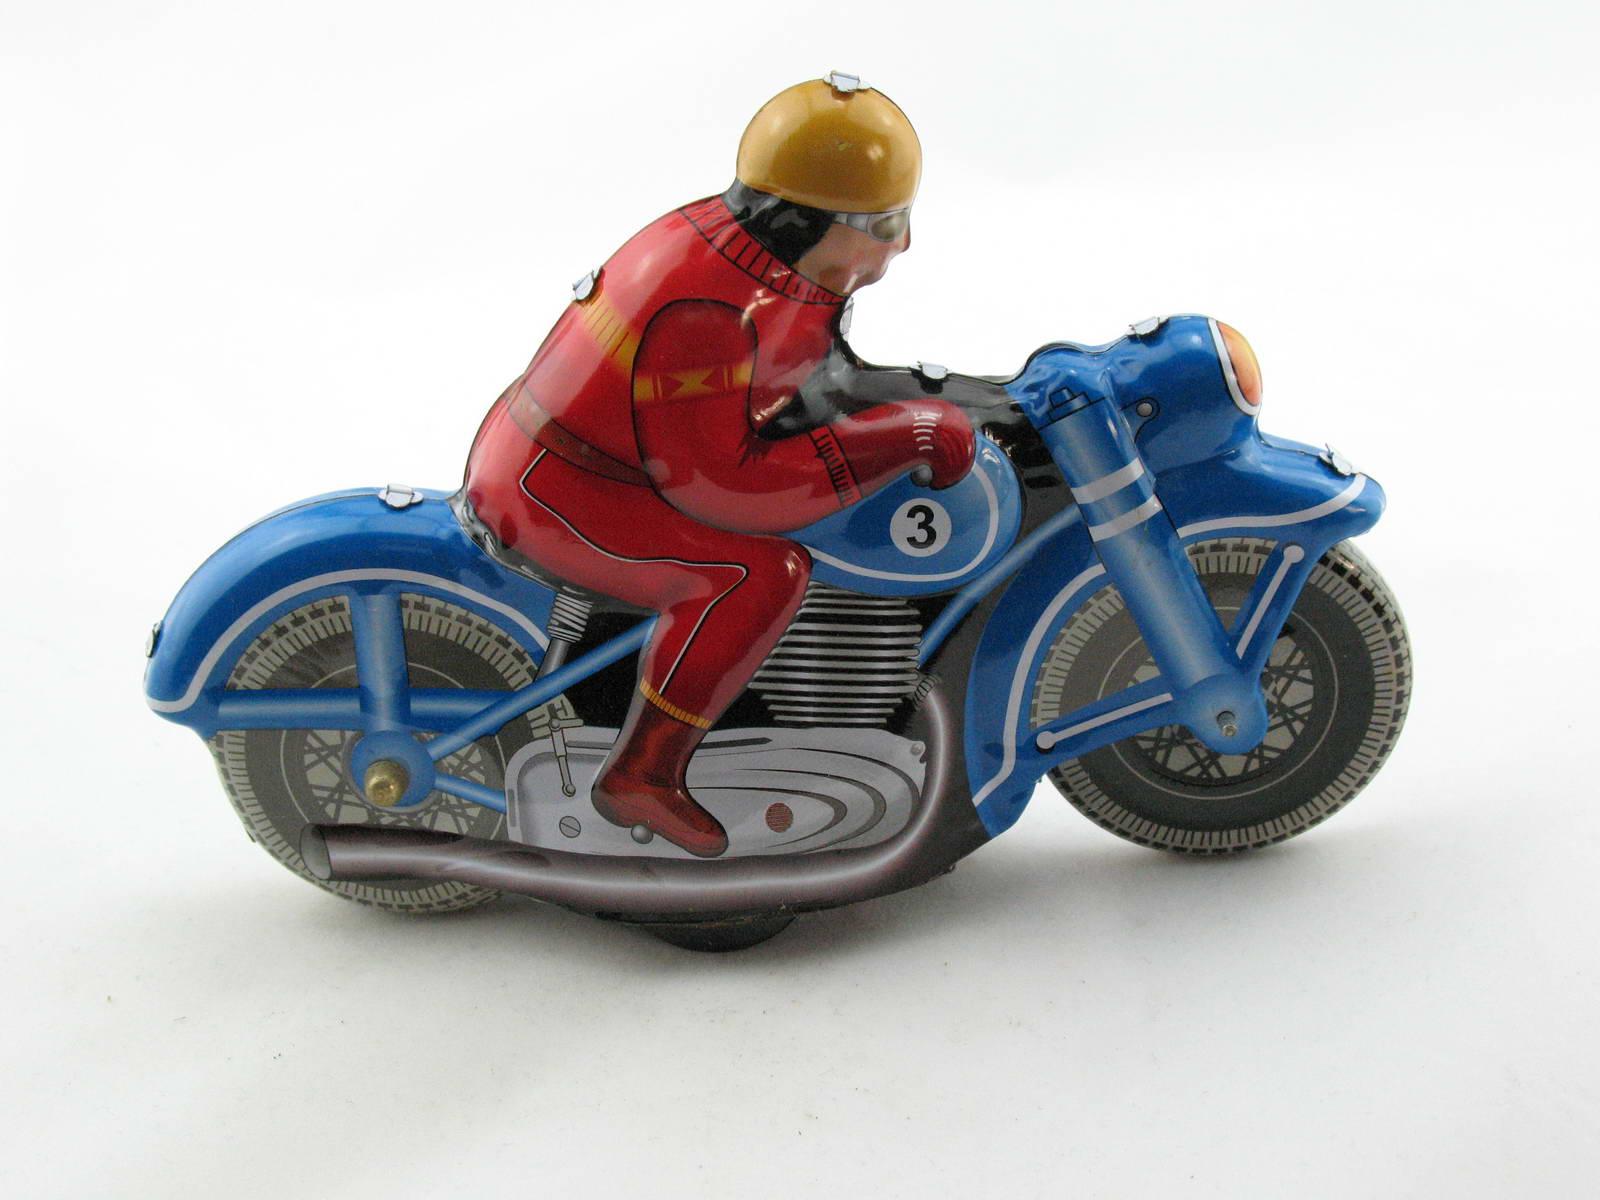 Motorrad Blechspielzeug Rennmotorrad Motodrive  3220395